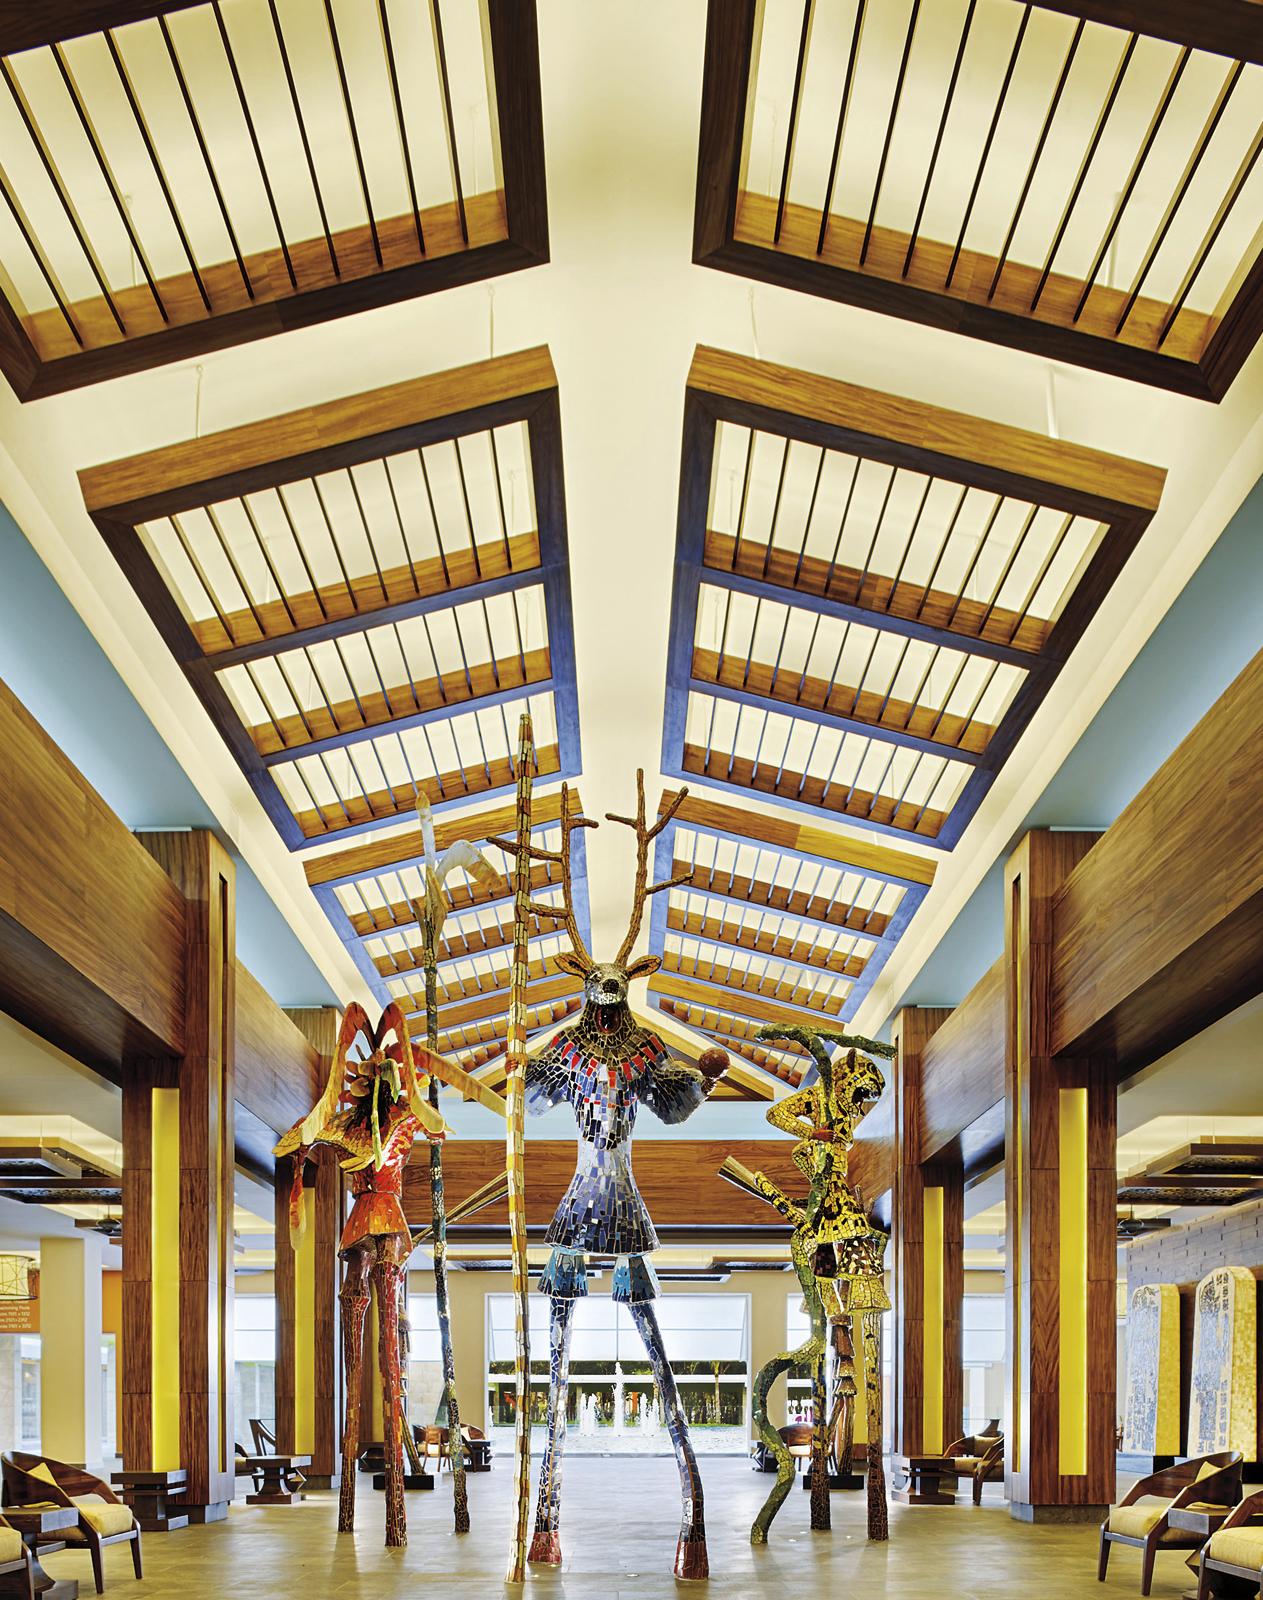 insignias-interiorismo-arquitectura-barcelo-beach-caribe-interarq-1